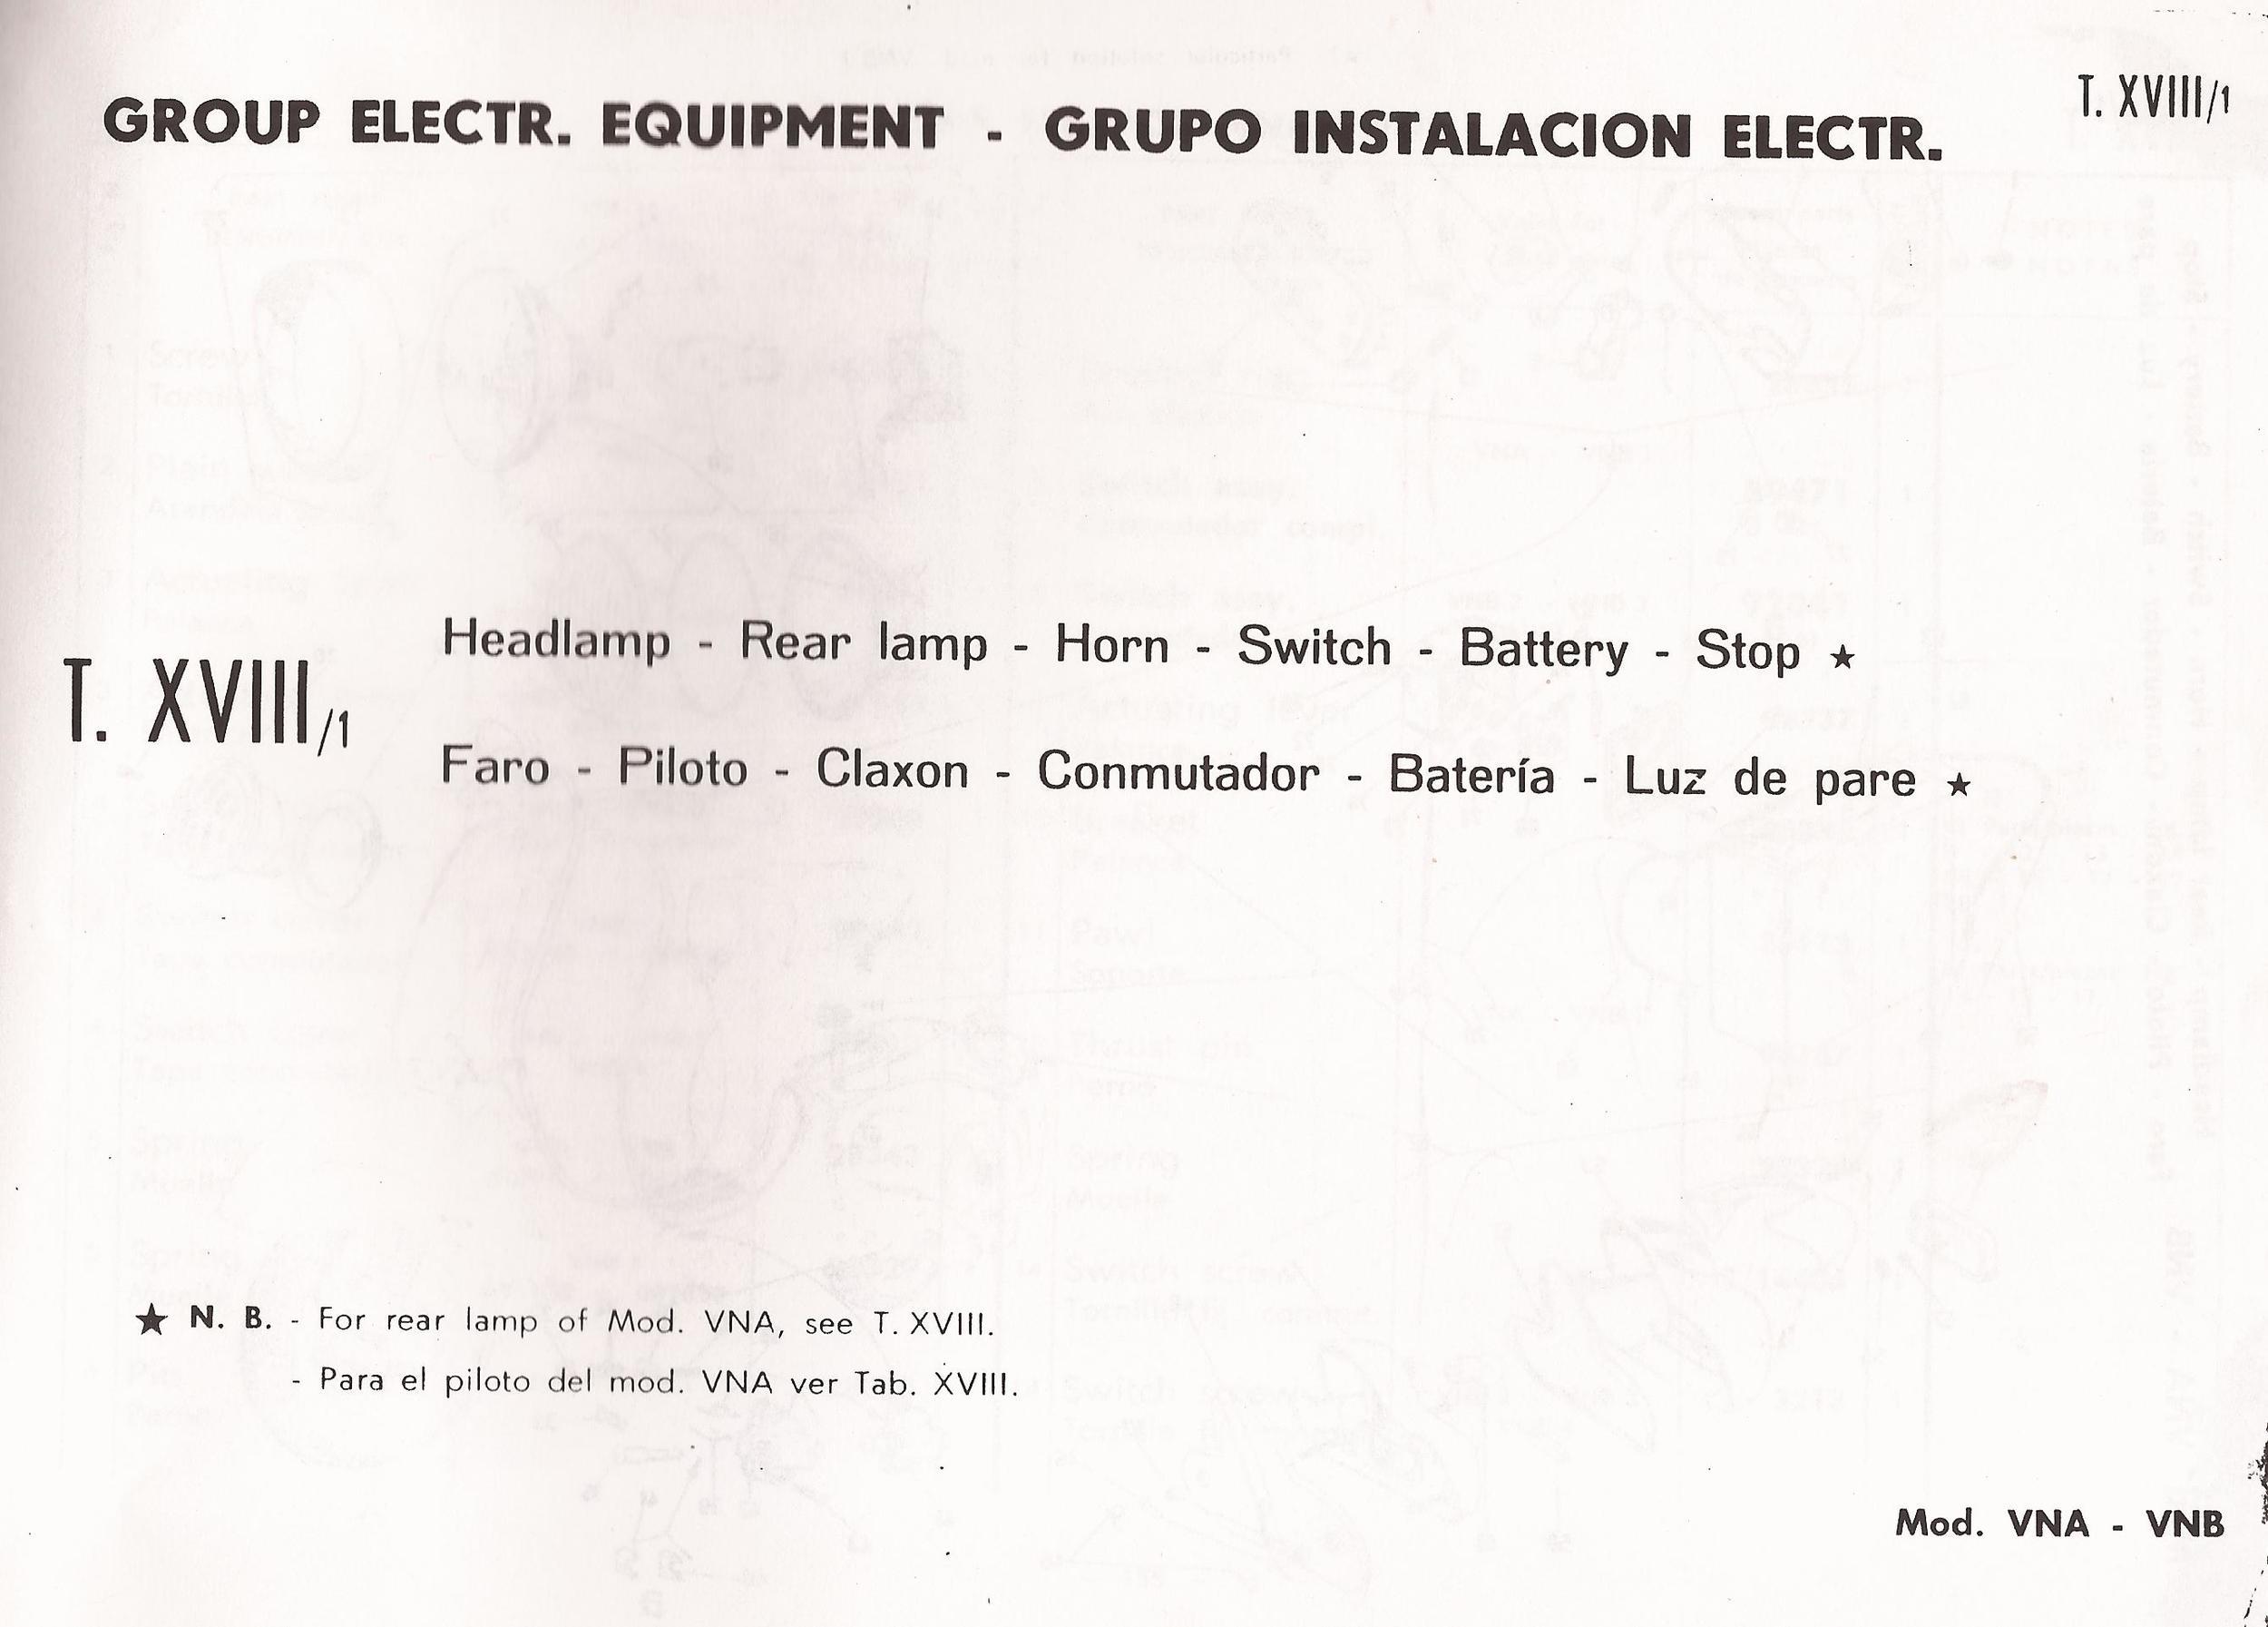 07-16-2013 vespa 125 catalog manuel 162.jpg